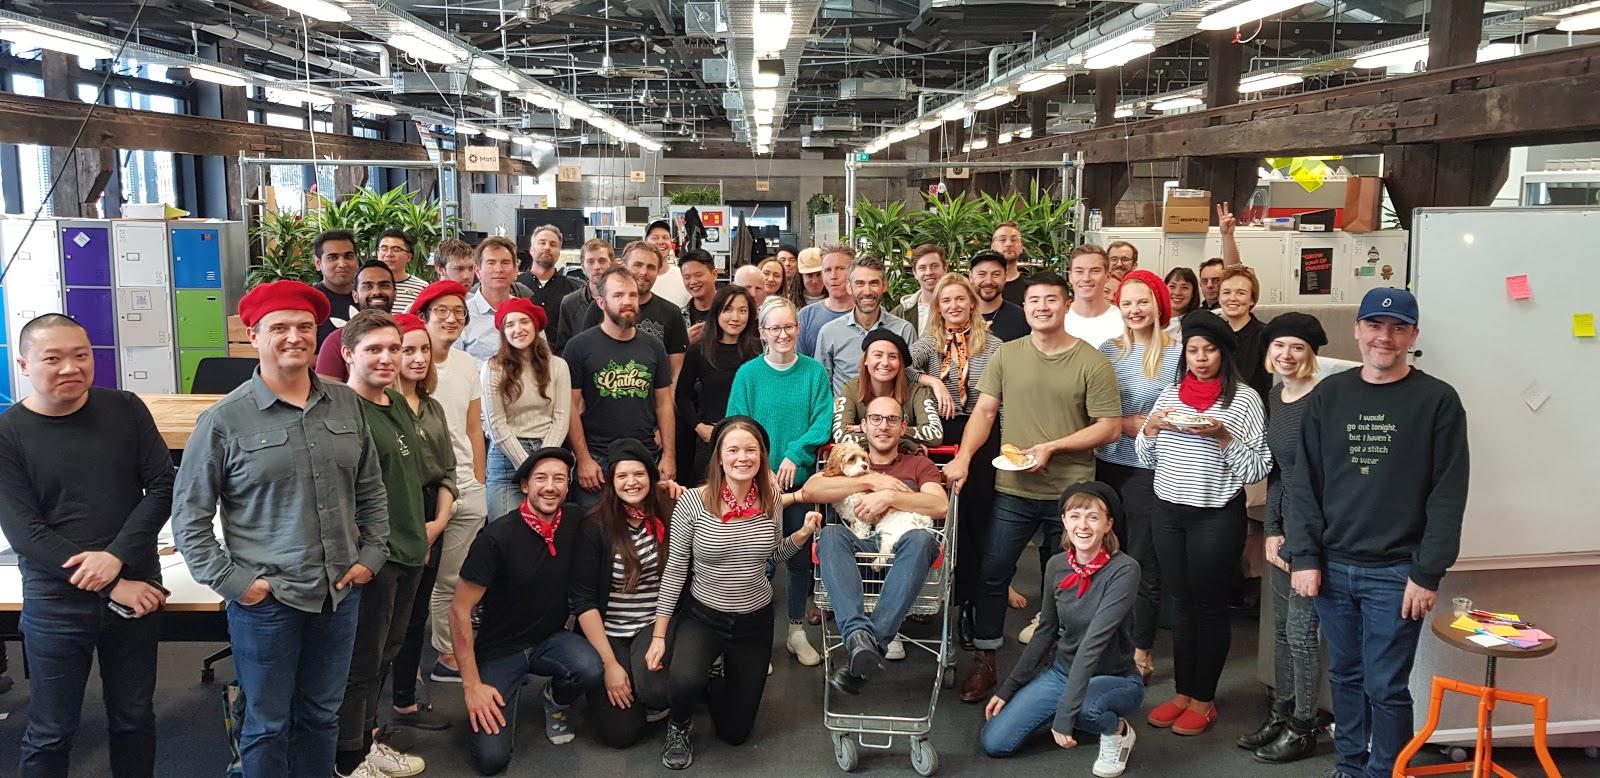 The GridAKL / John Lysaght Community